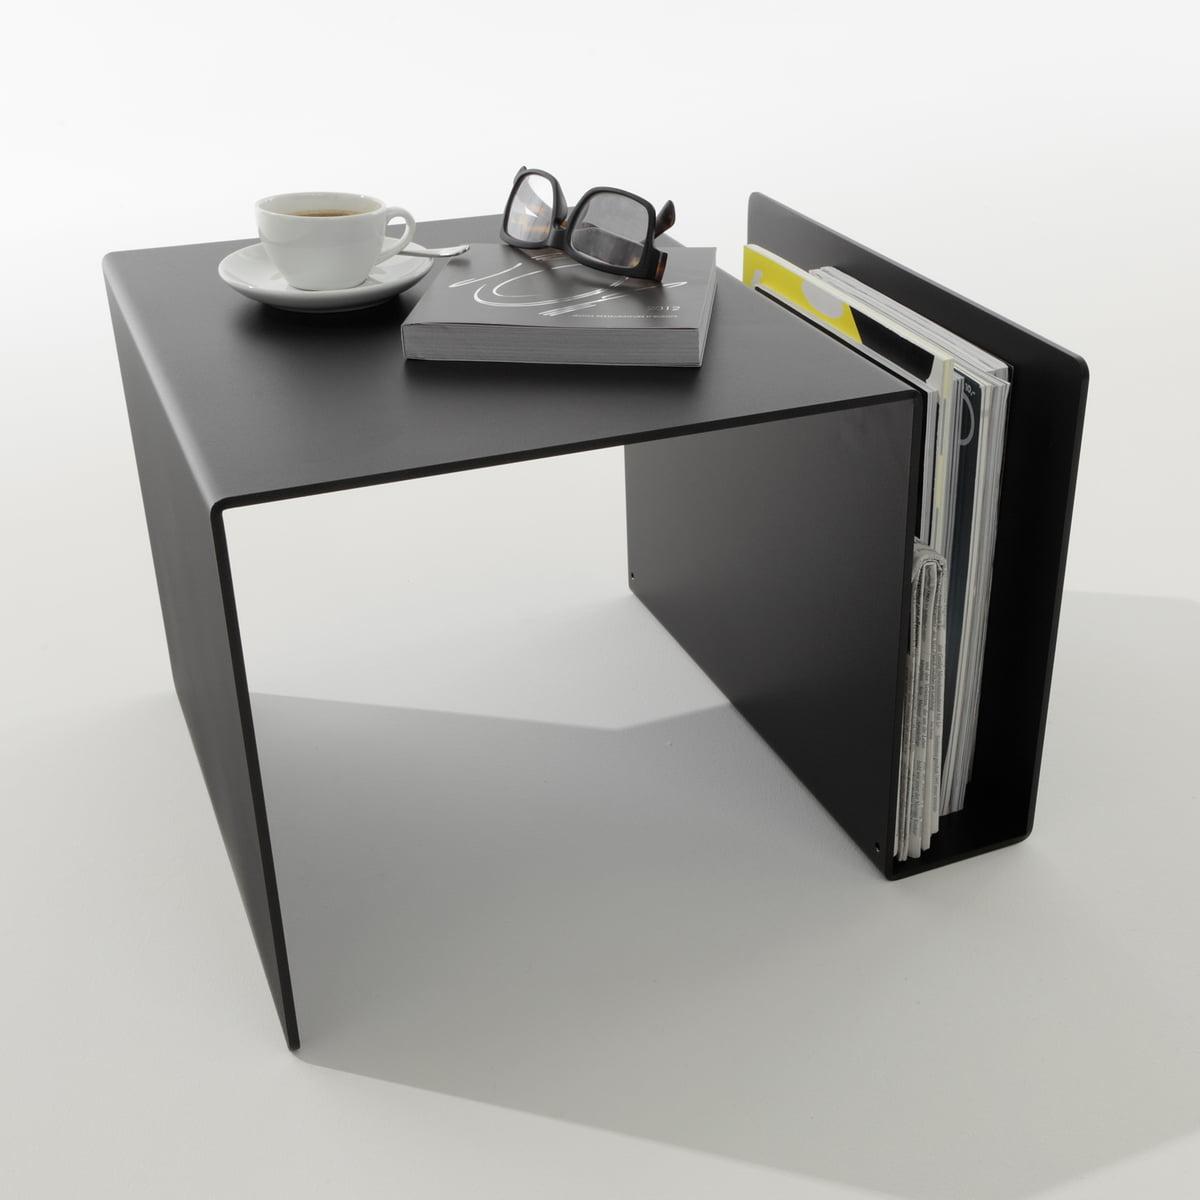 emform Huk multifunctional furniture